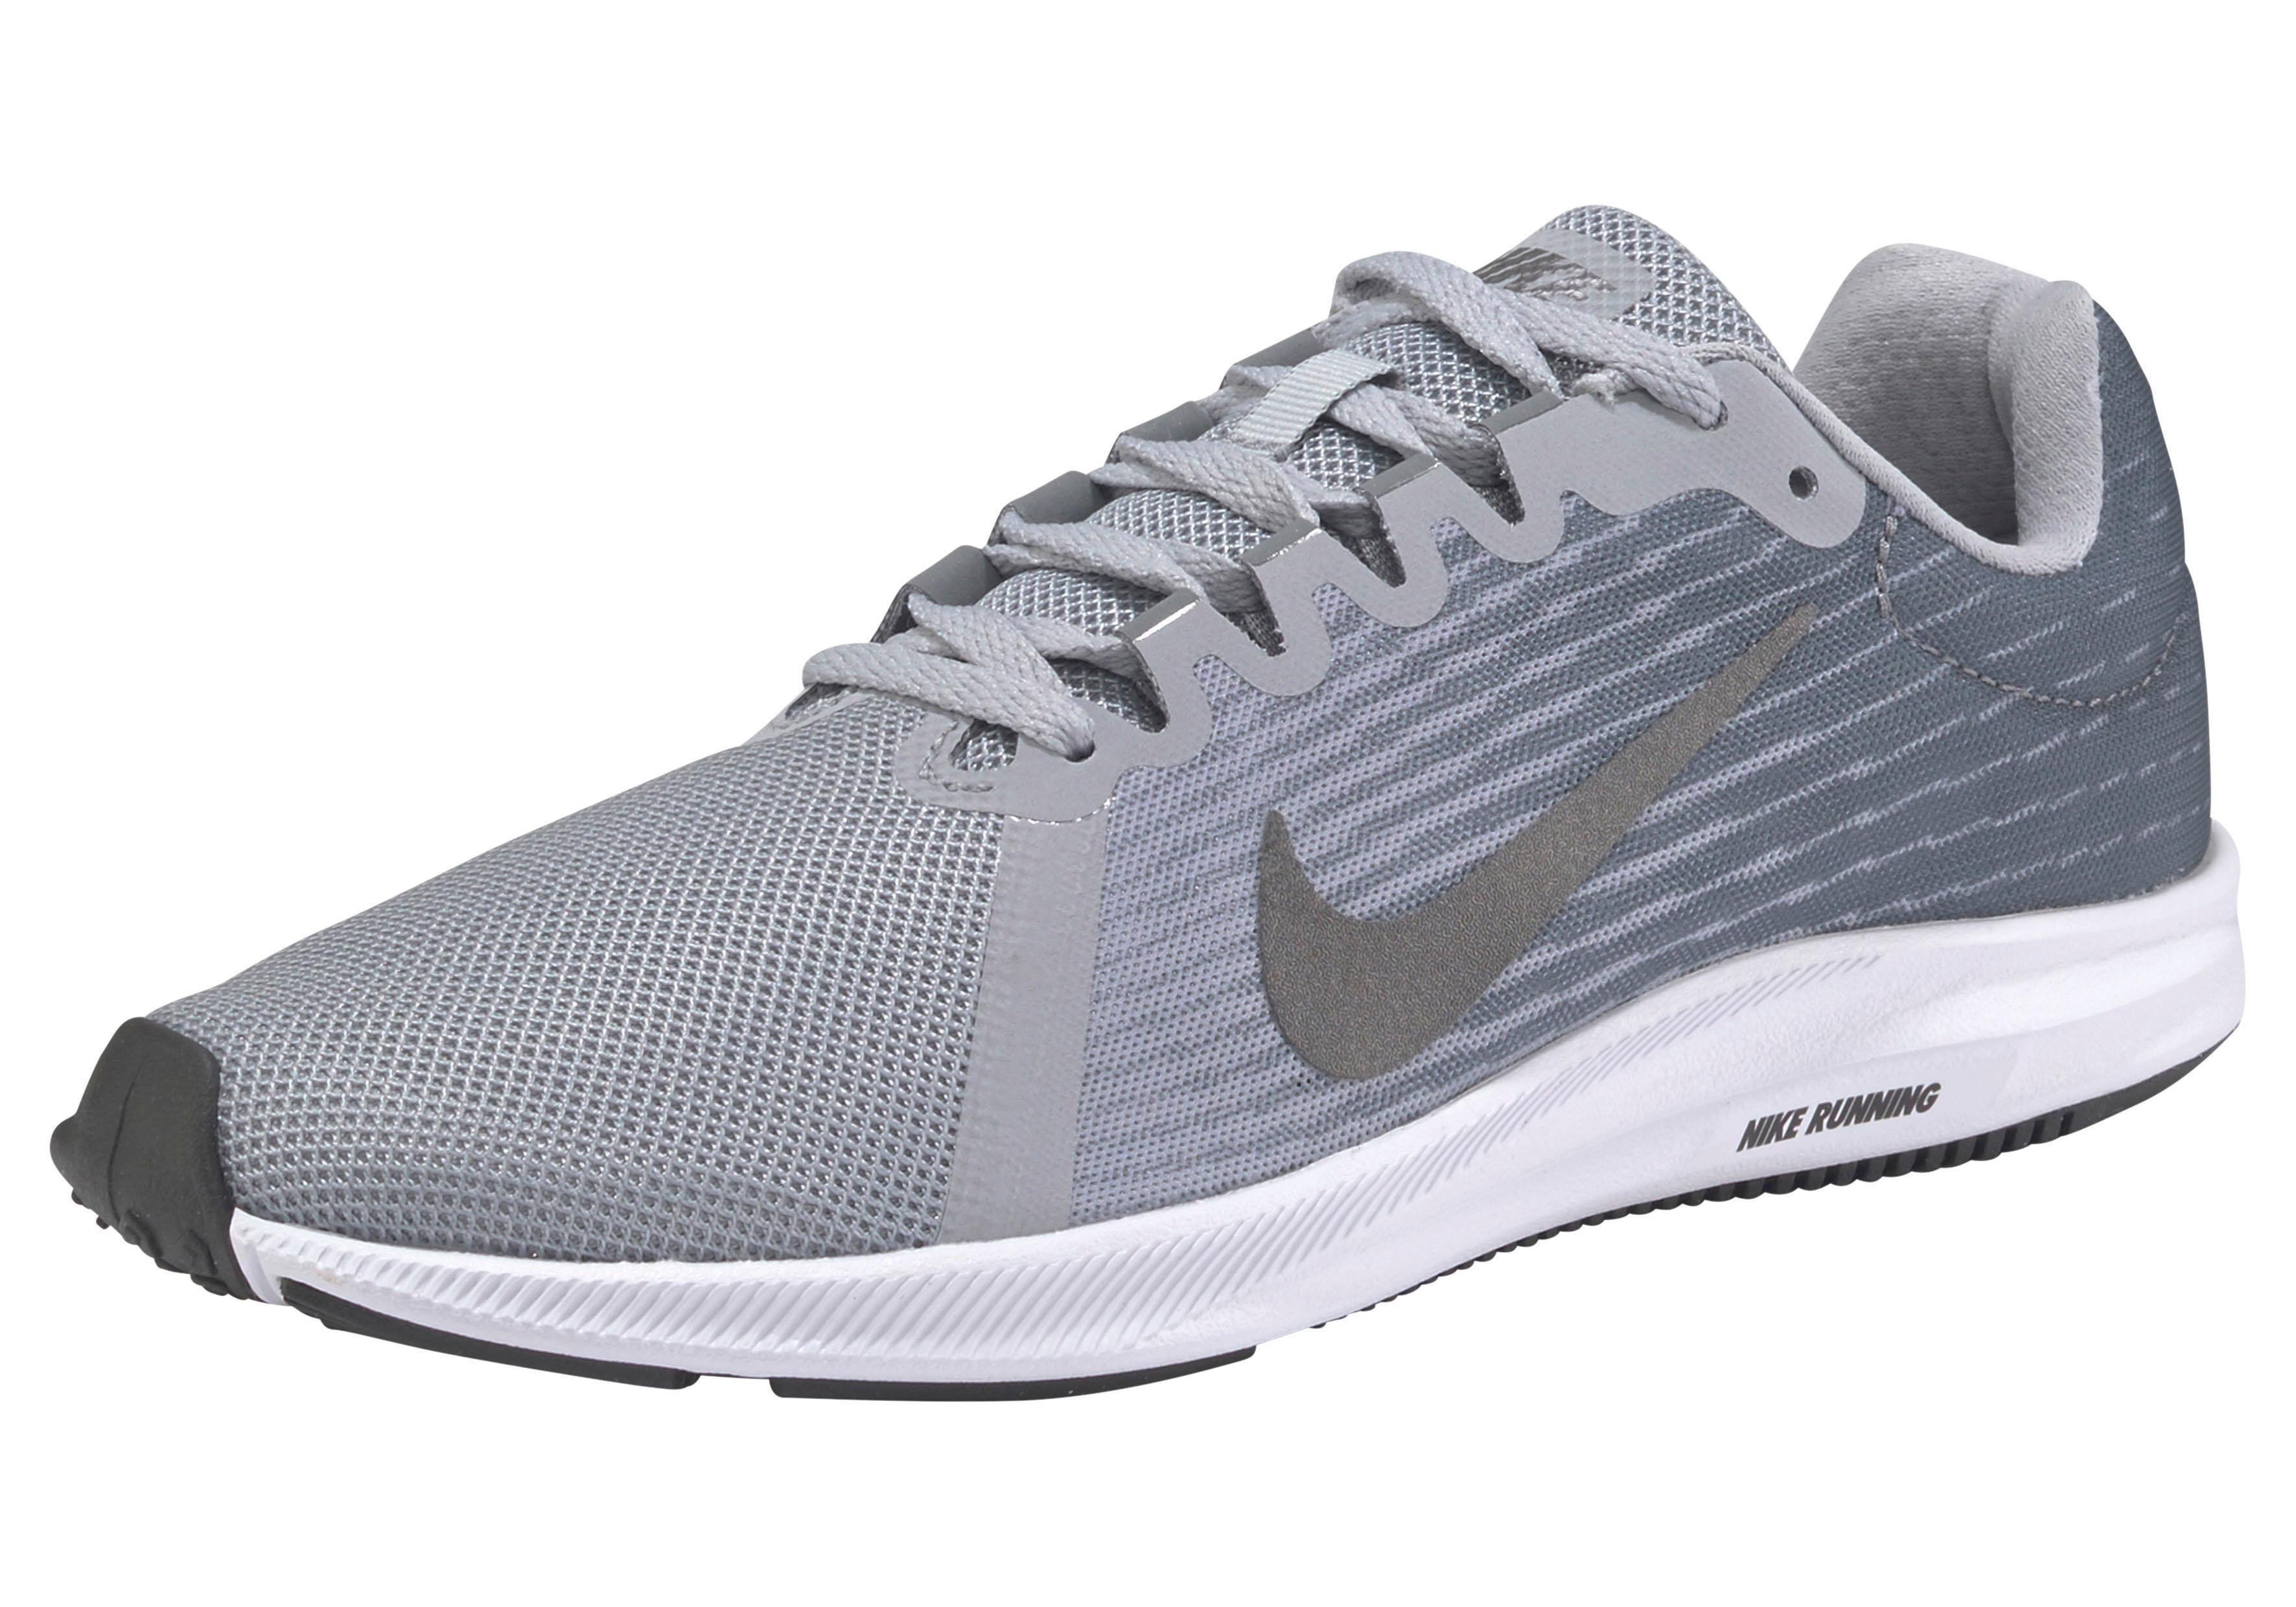 Nike runningschoenen »Wmns Downshifter 8« veilig op otto.nl kopen